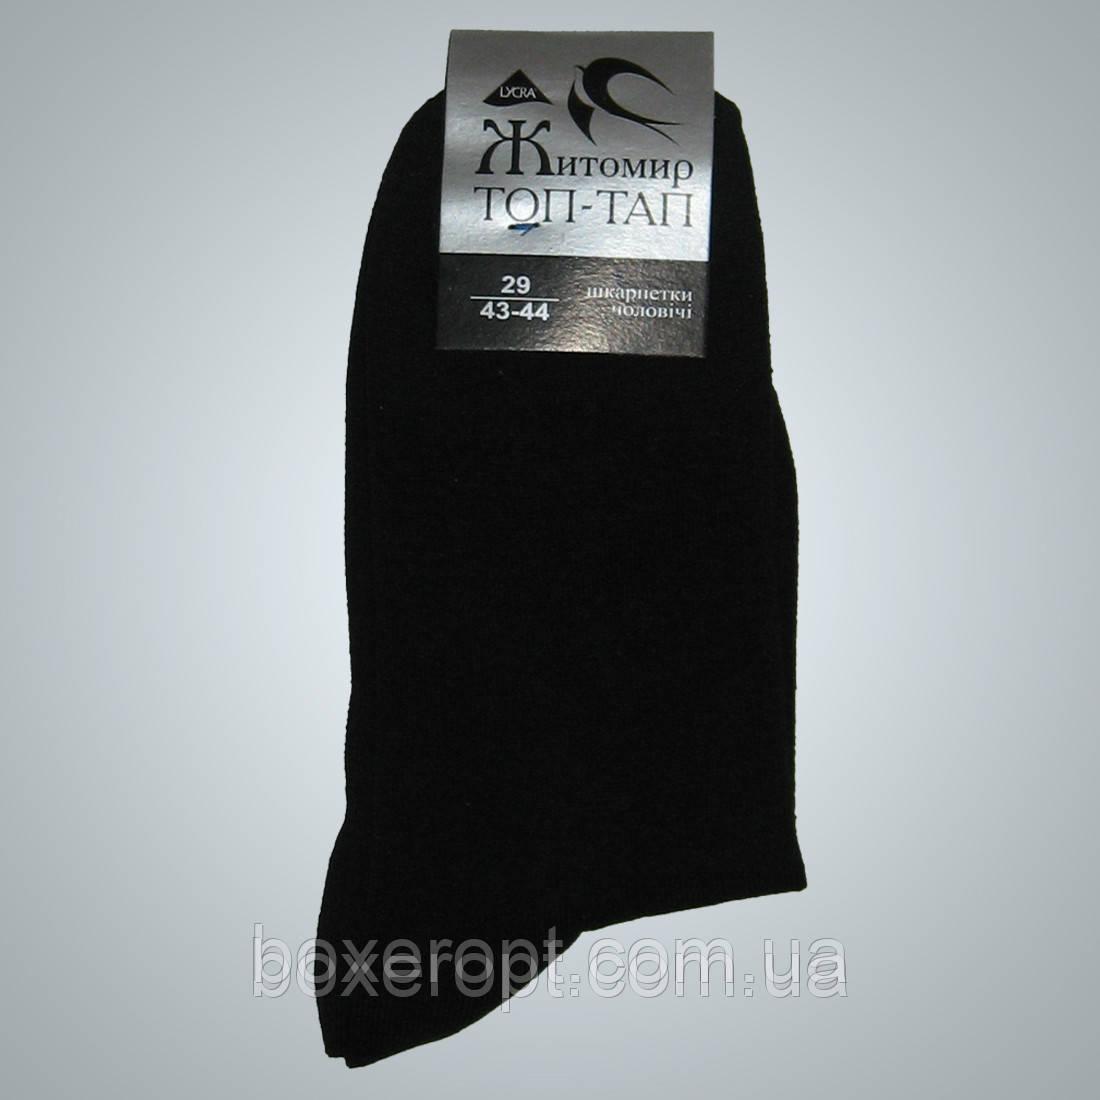 Мужские носки ТОП-ТАП - 7.00 грн./пара (стрейч, черные)